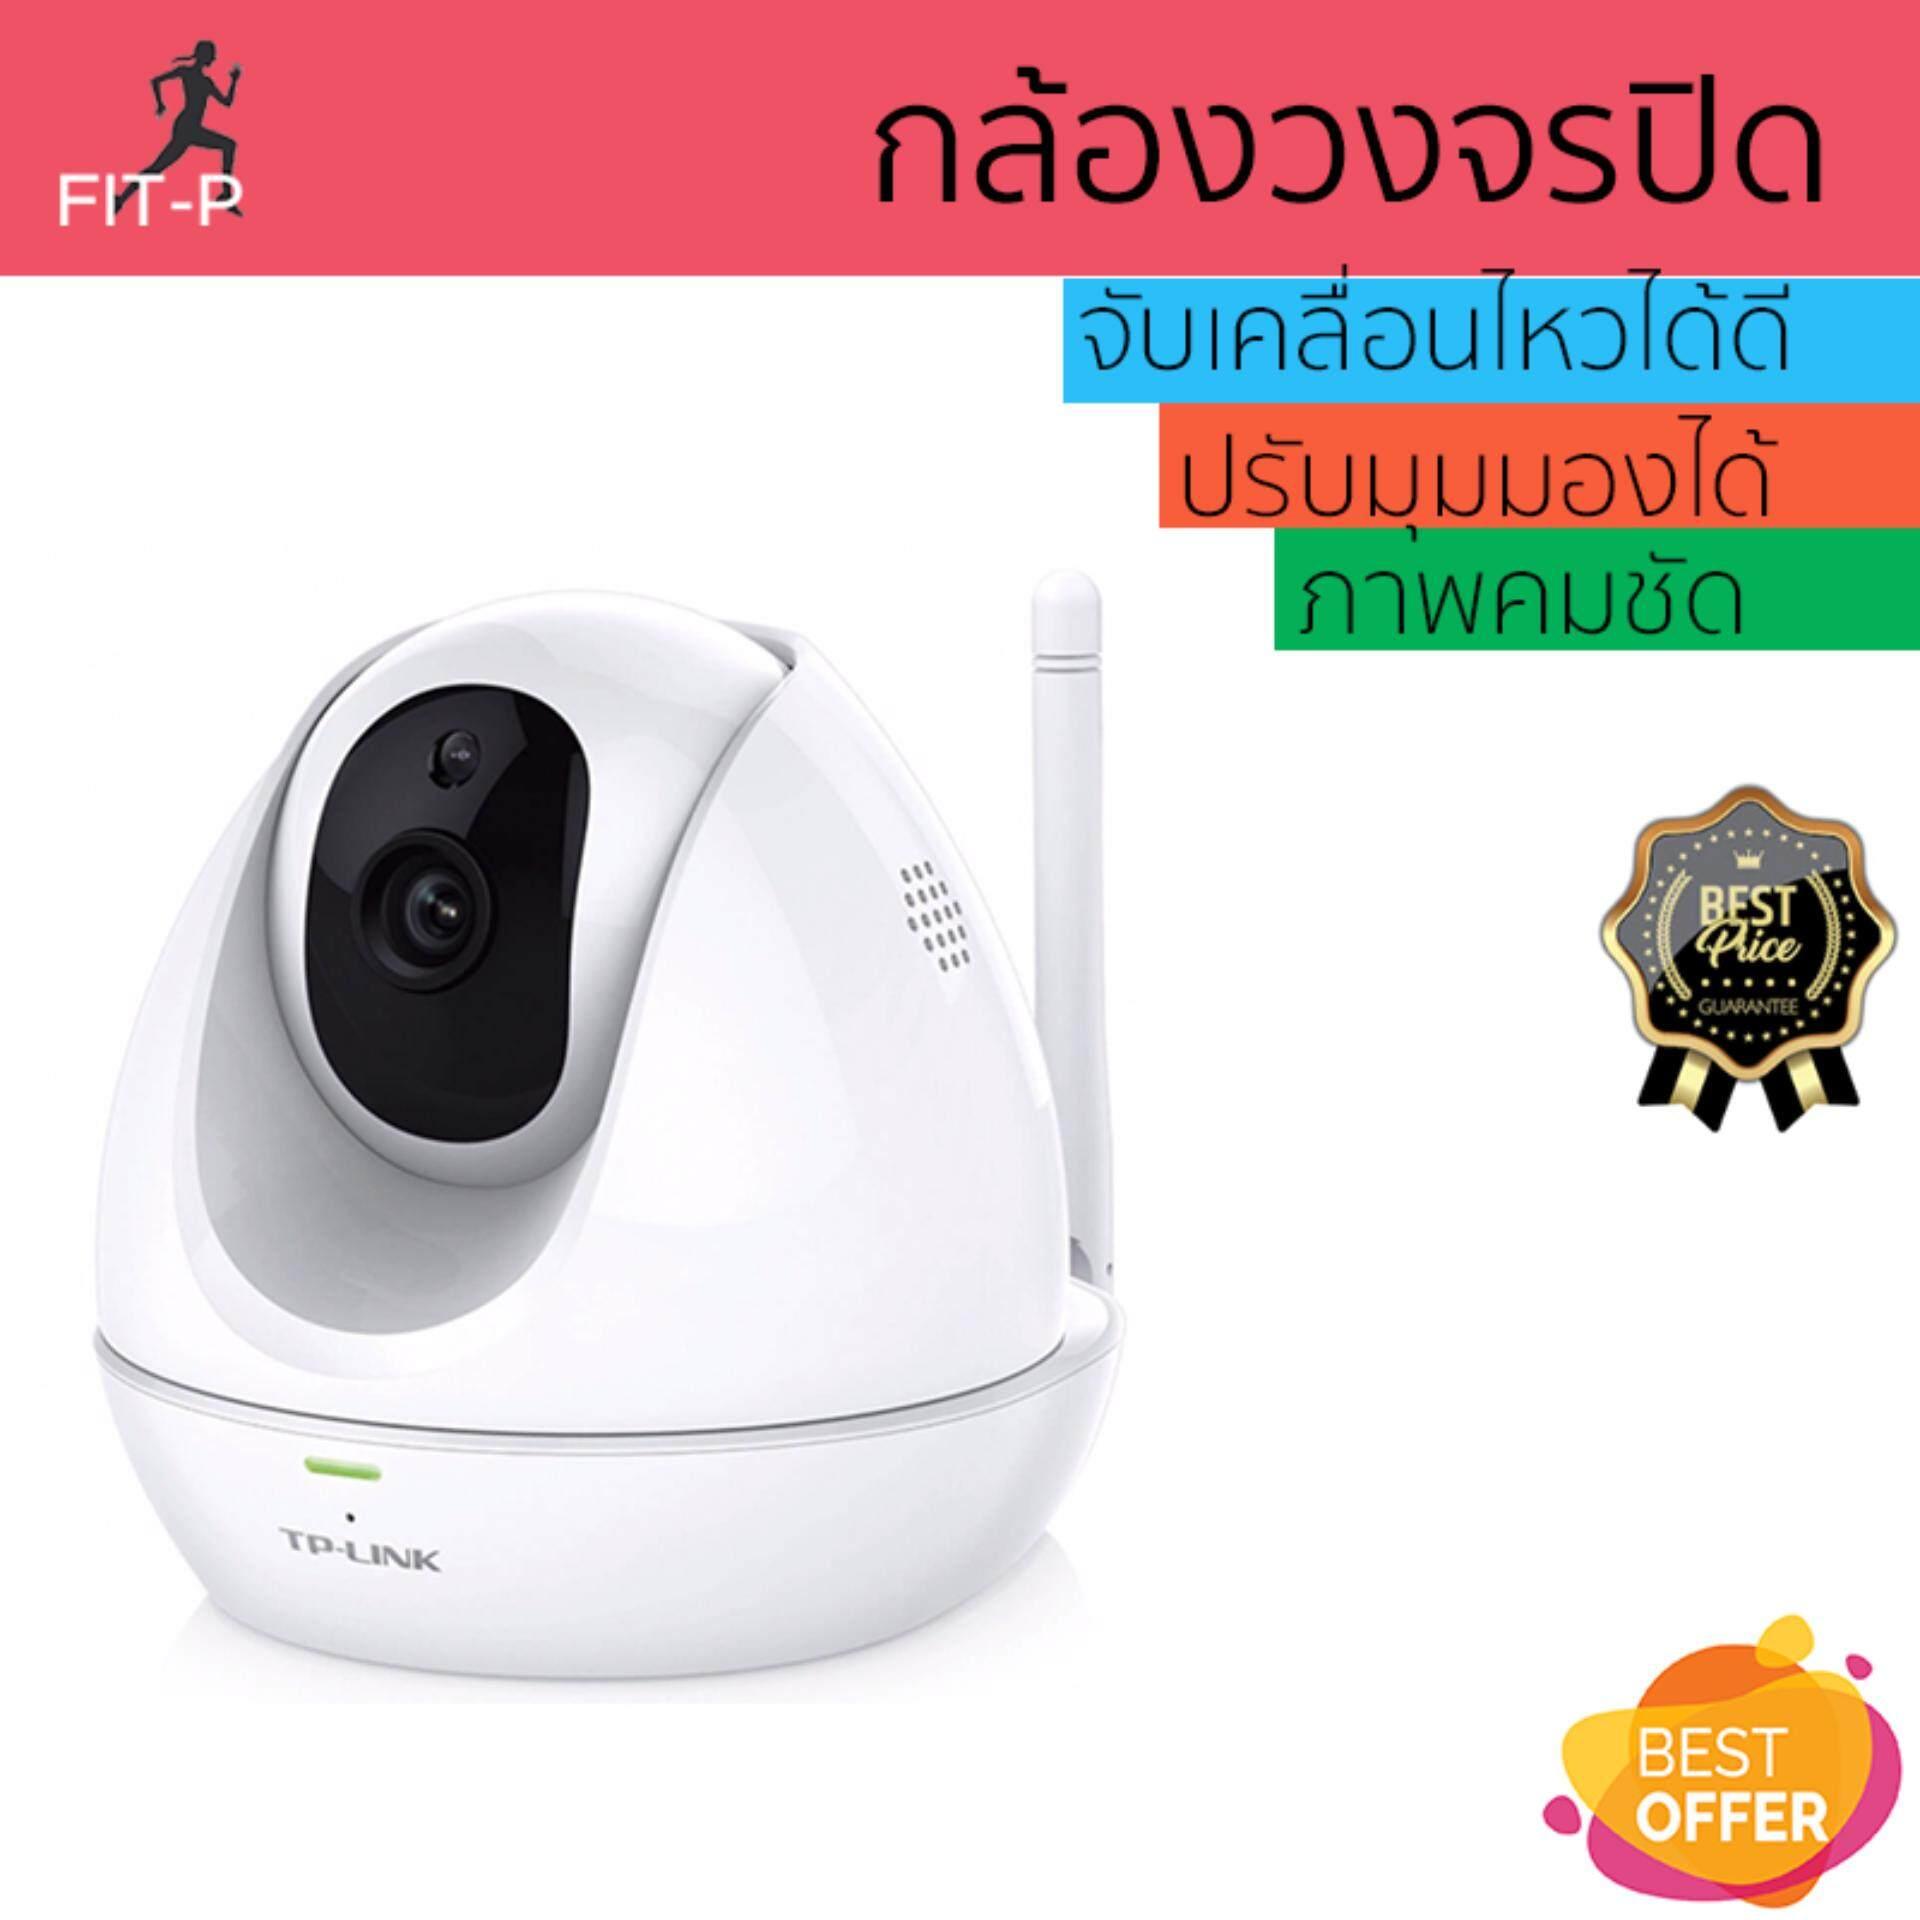 สุดยอดสินค้า!! โปรโมชัน กล้องวงจรปิด           TP-LINK กล้องวงจรปิด Wi-Fi รุ่น NC450             ภาพคมชัด ปรับมุมมองได้ กล้อง IP Camera รับประกันสินค้า 1 ปี จัดส่งฟรี Kerry ทั่วประเทศ